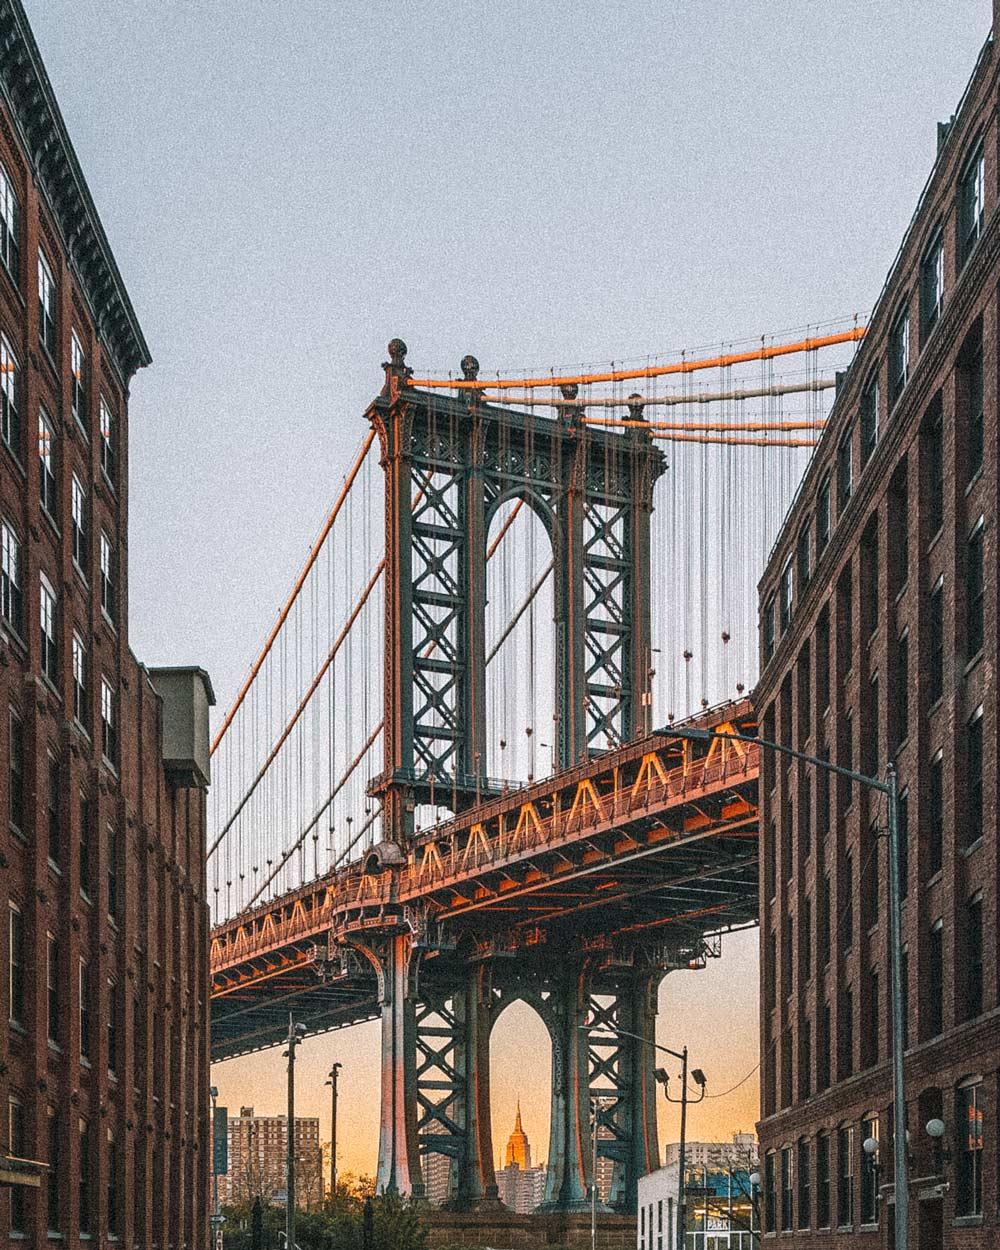 onde-tirar-fotos-em-nova-york-dumbo-ny